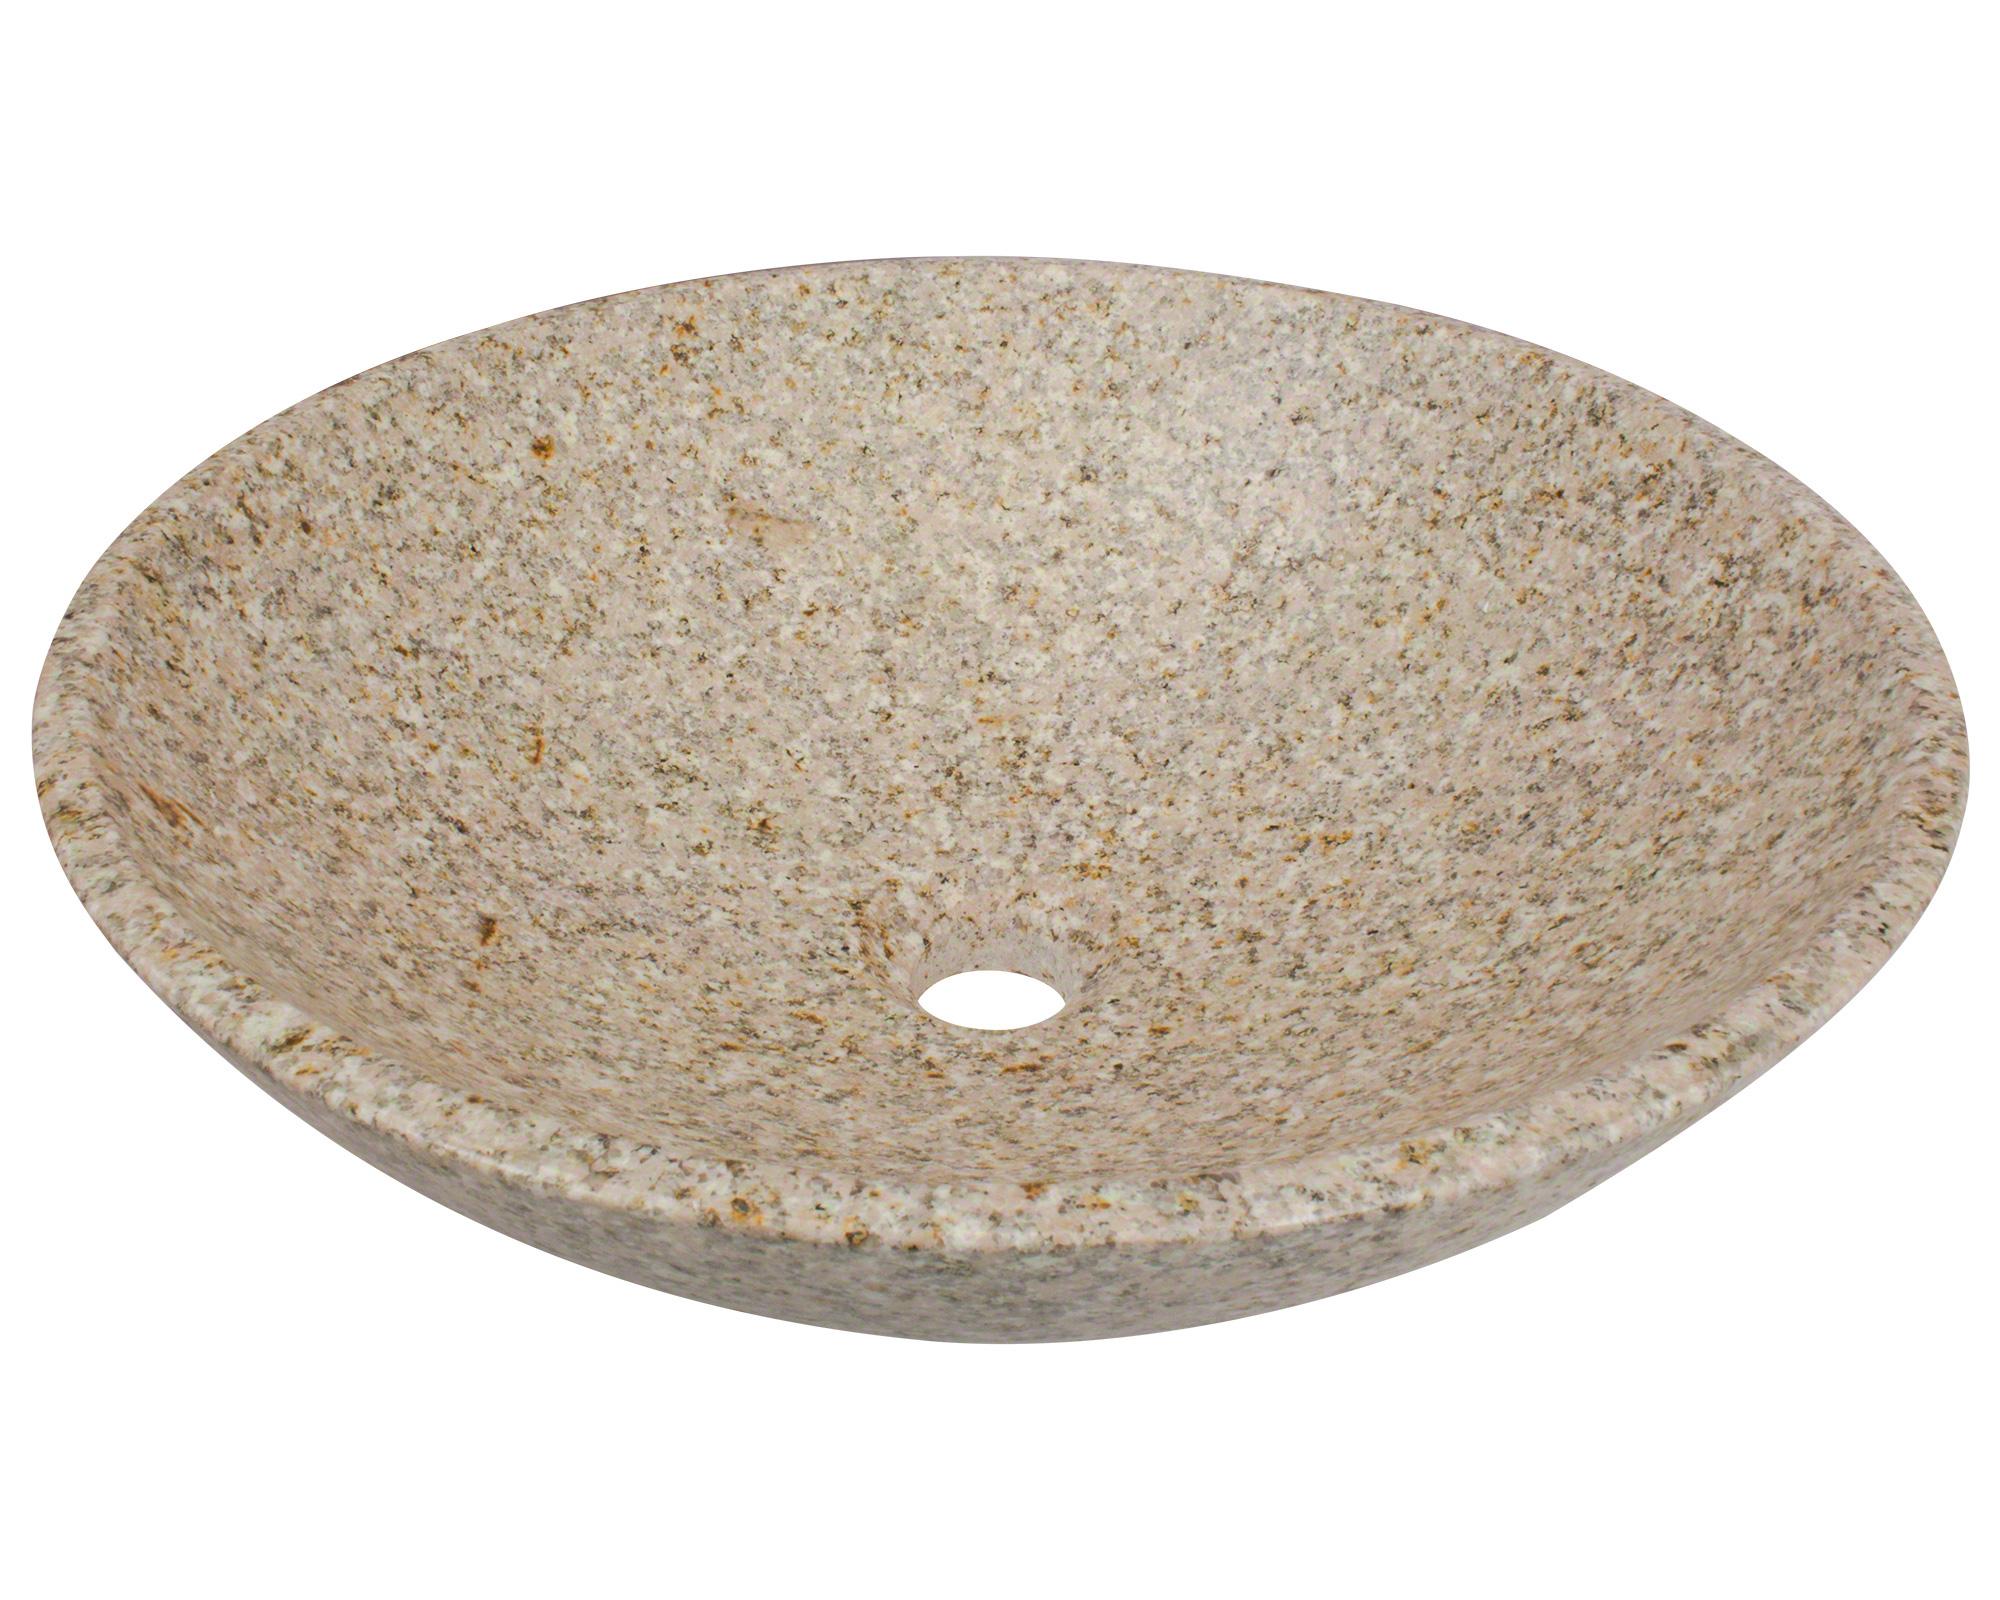 Polaris P058T Tan Granite Vessel Sink